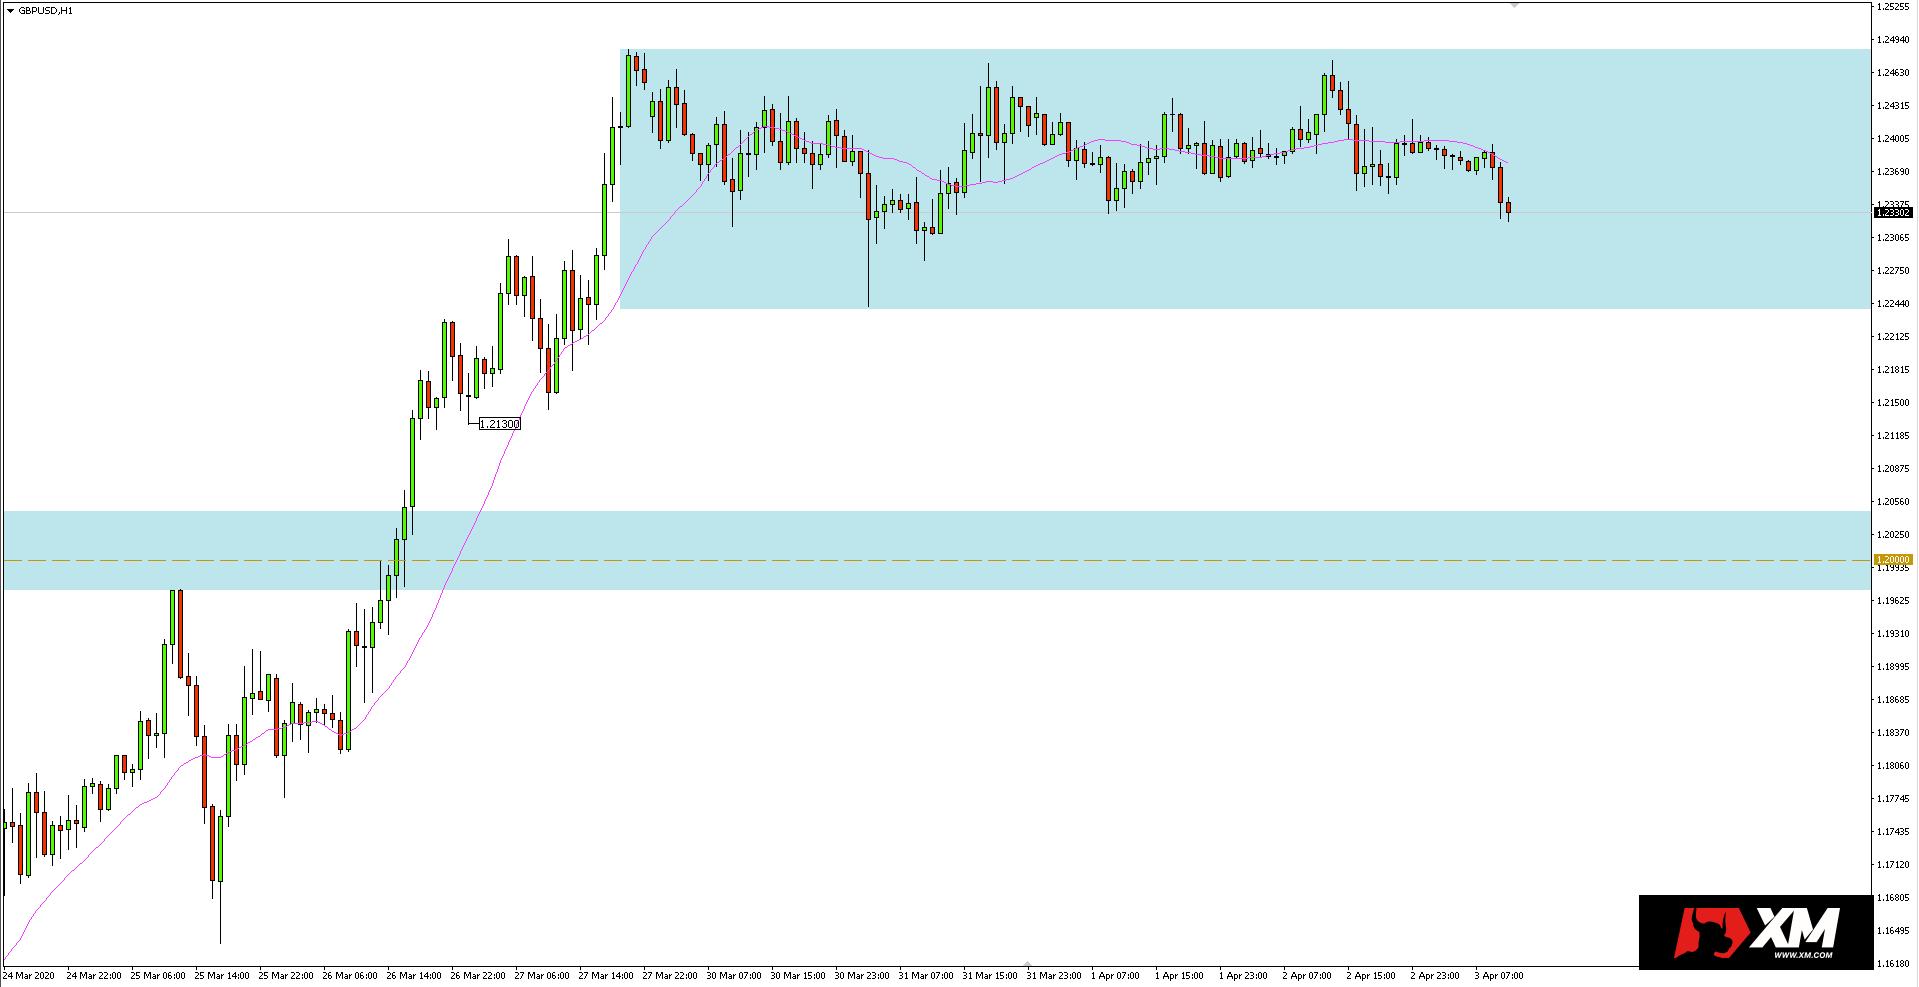 Wykres 1-godzinny pary walutowej GBPUSD - 3 kwietnia 2020 r.